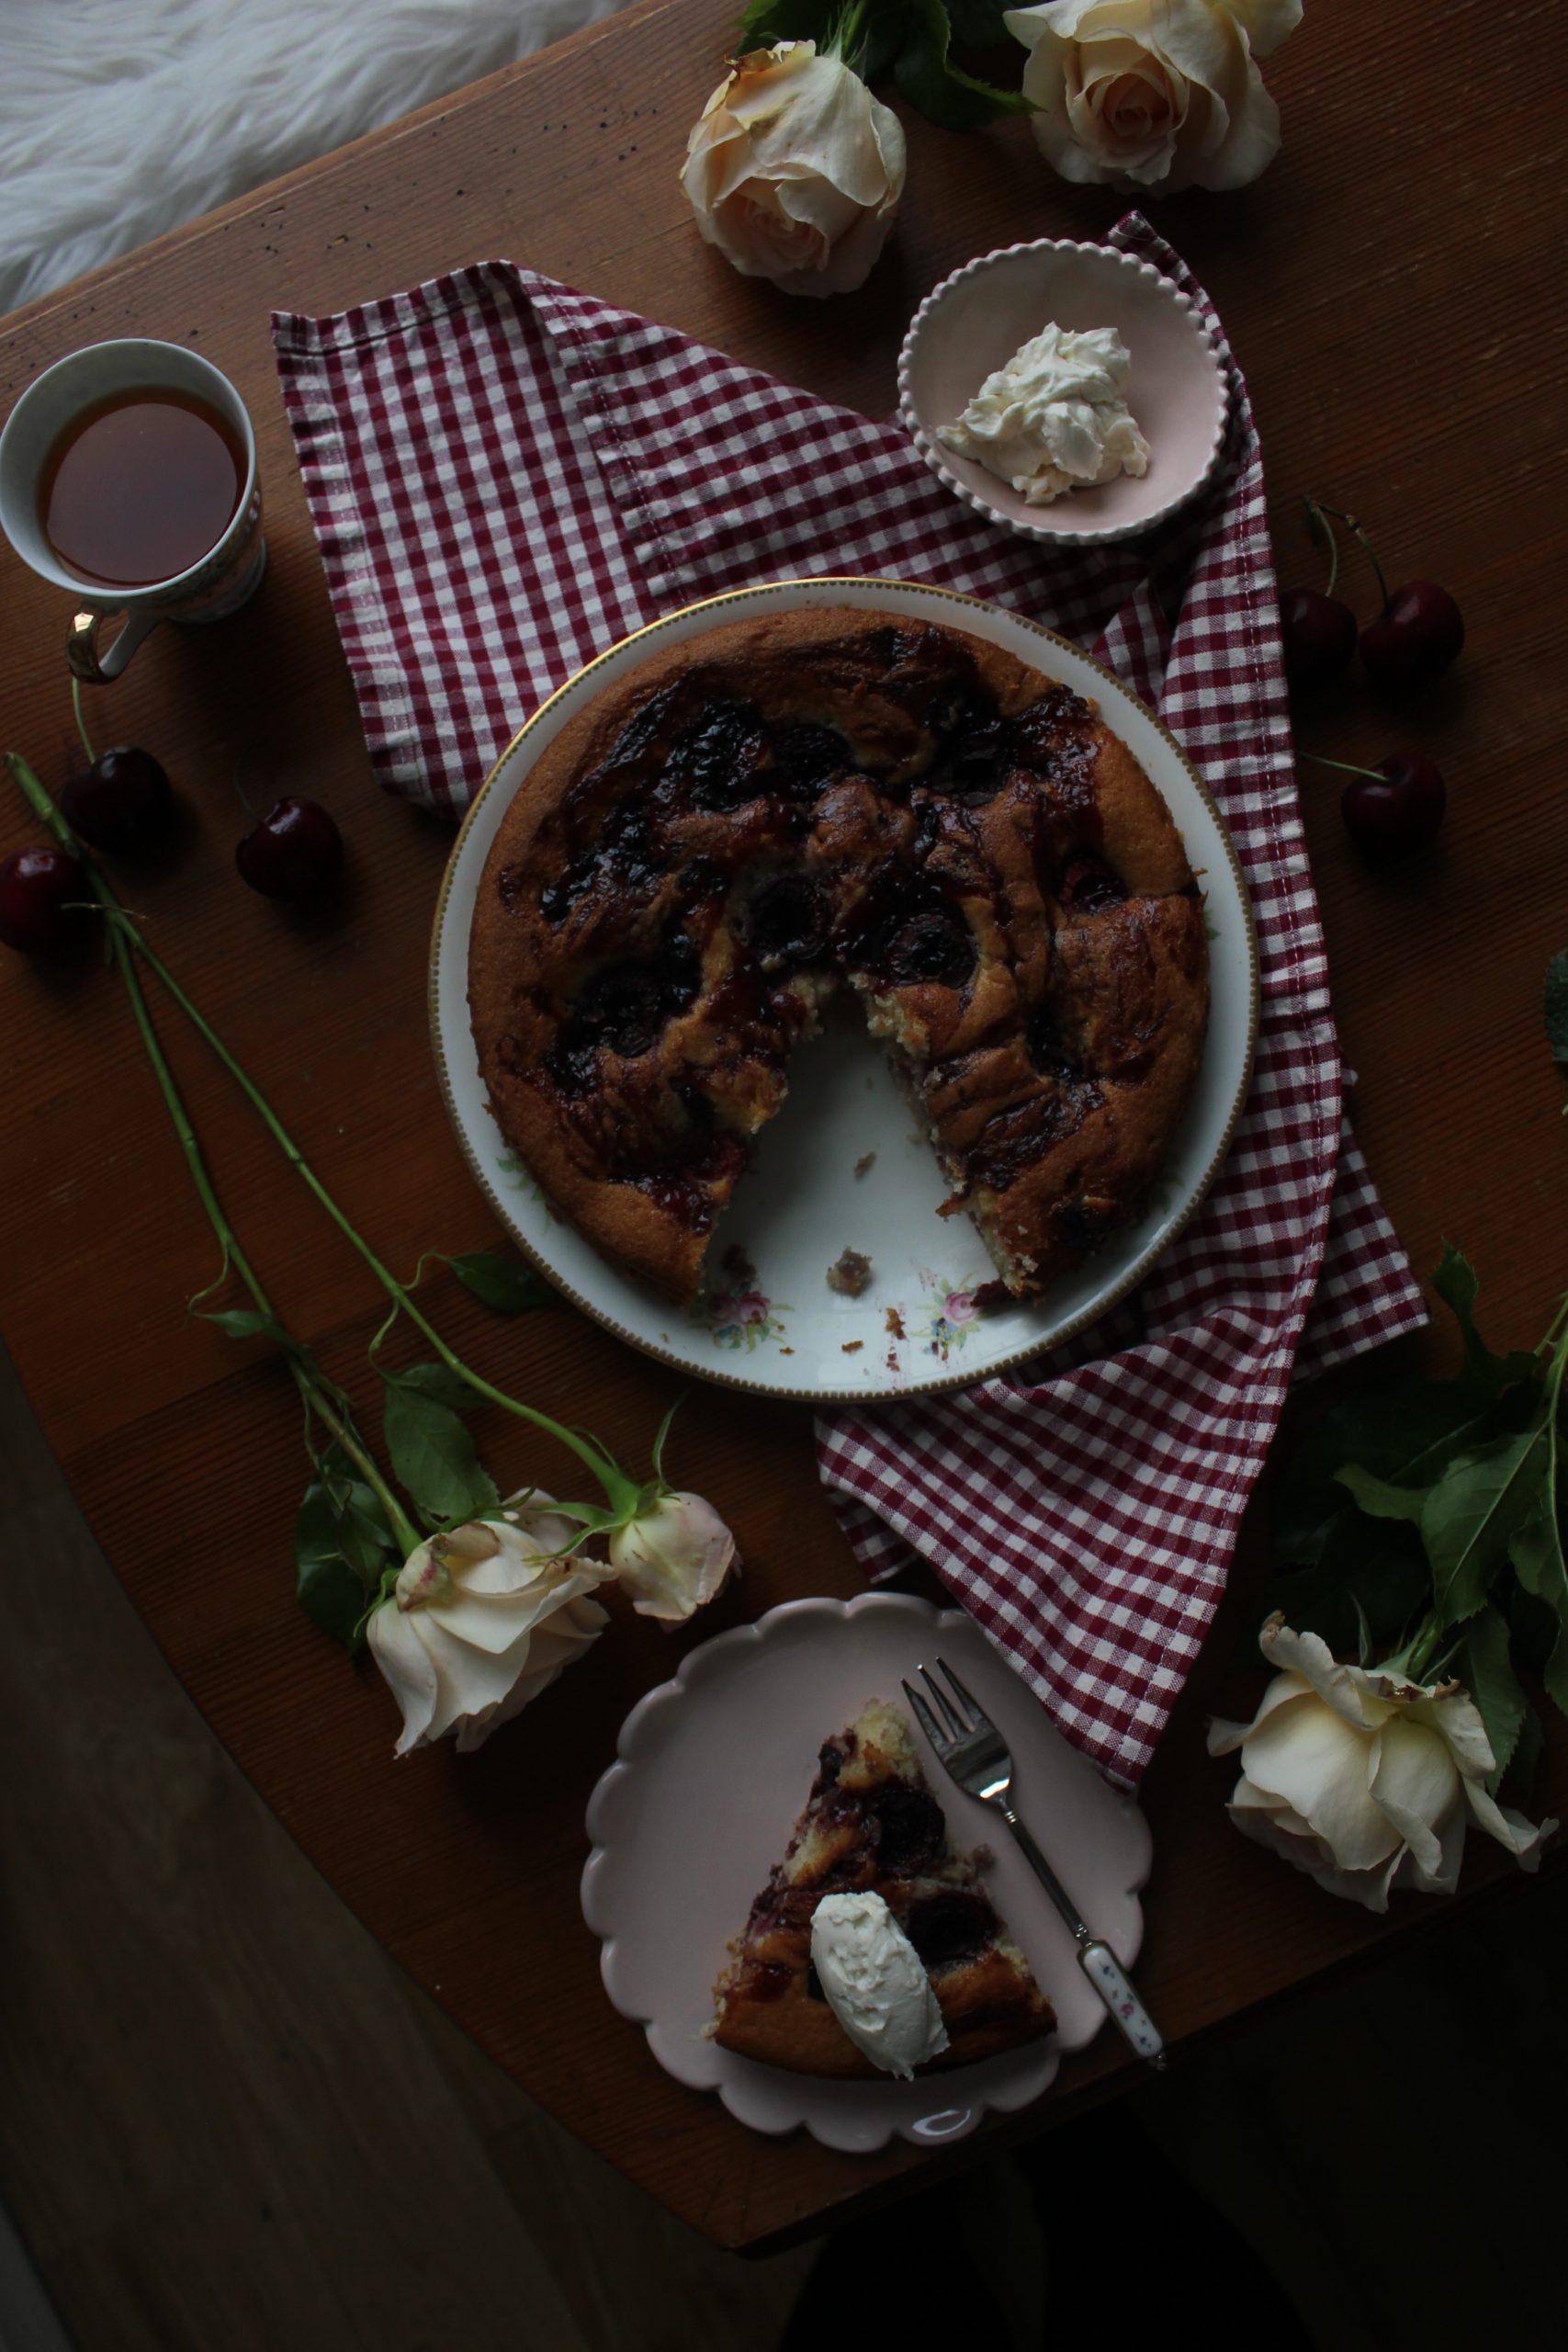 Cherry and mascarpone cake